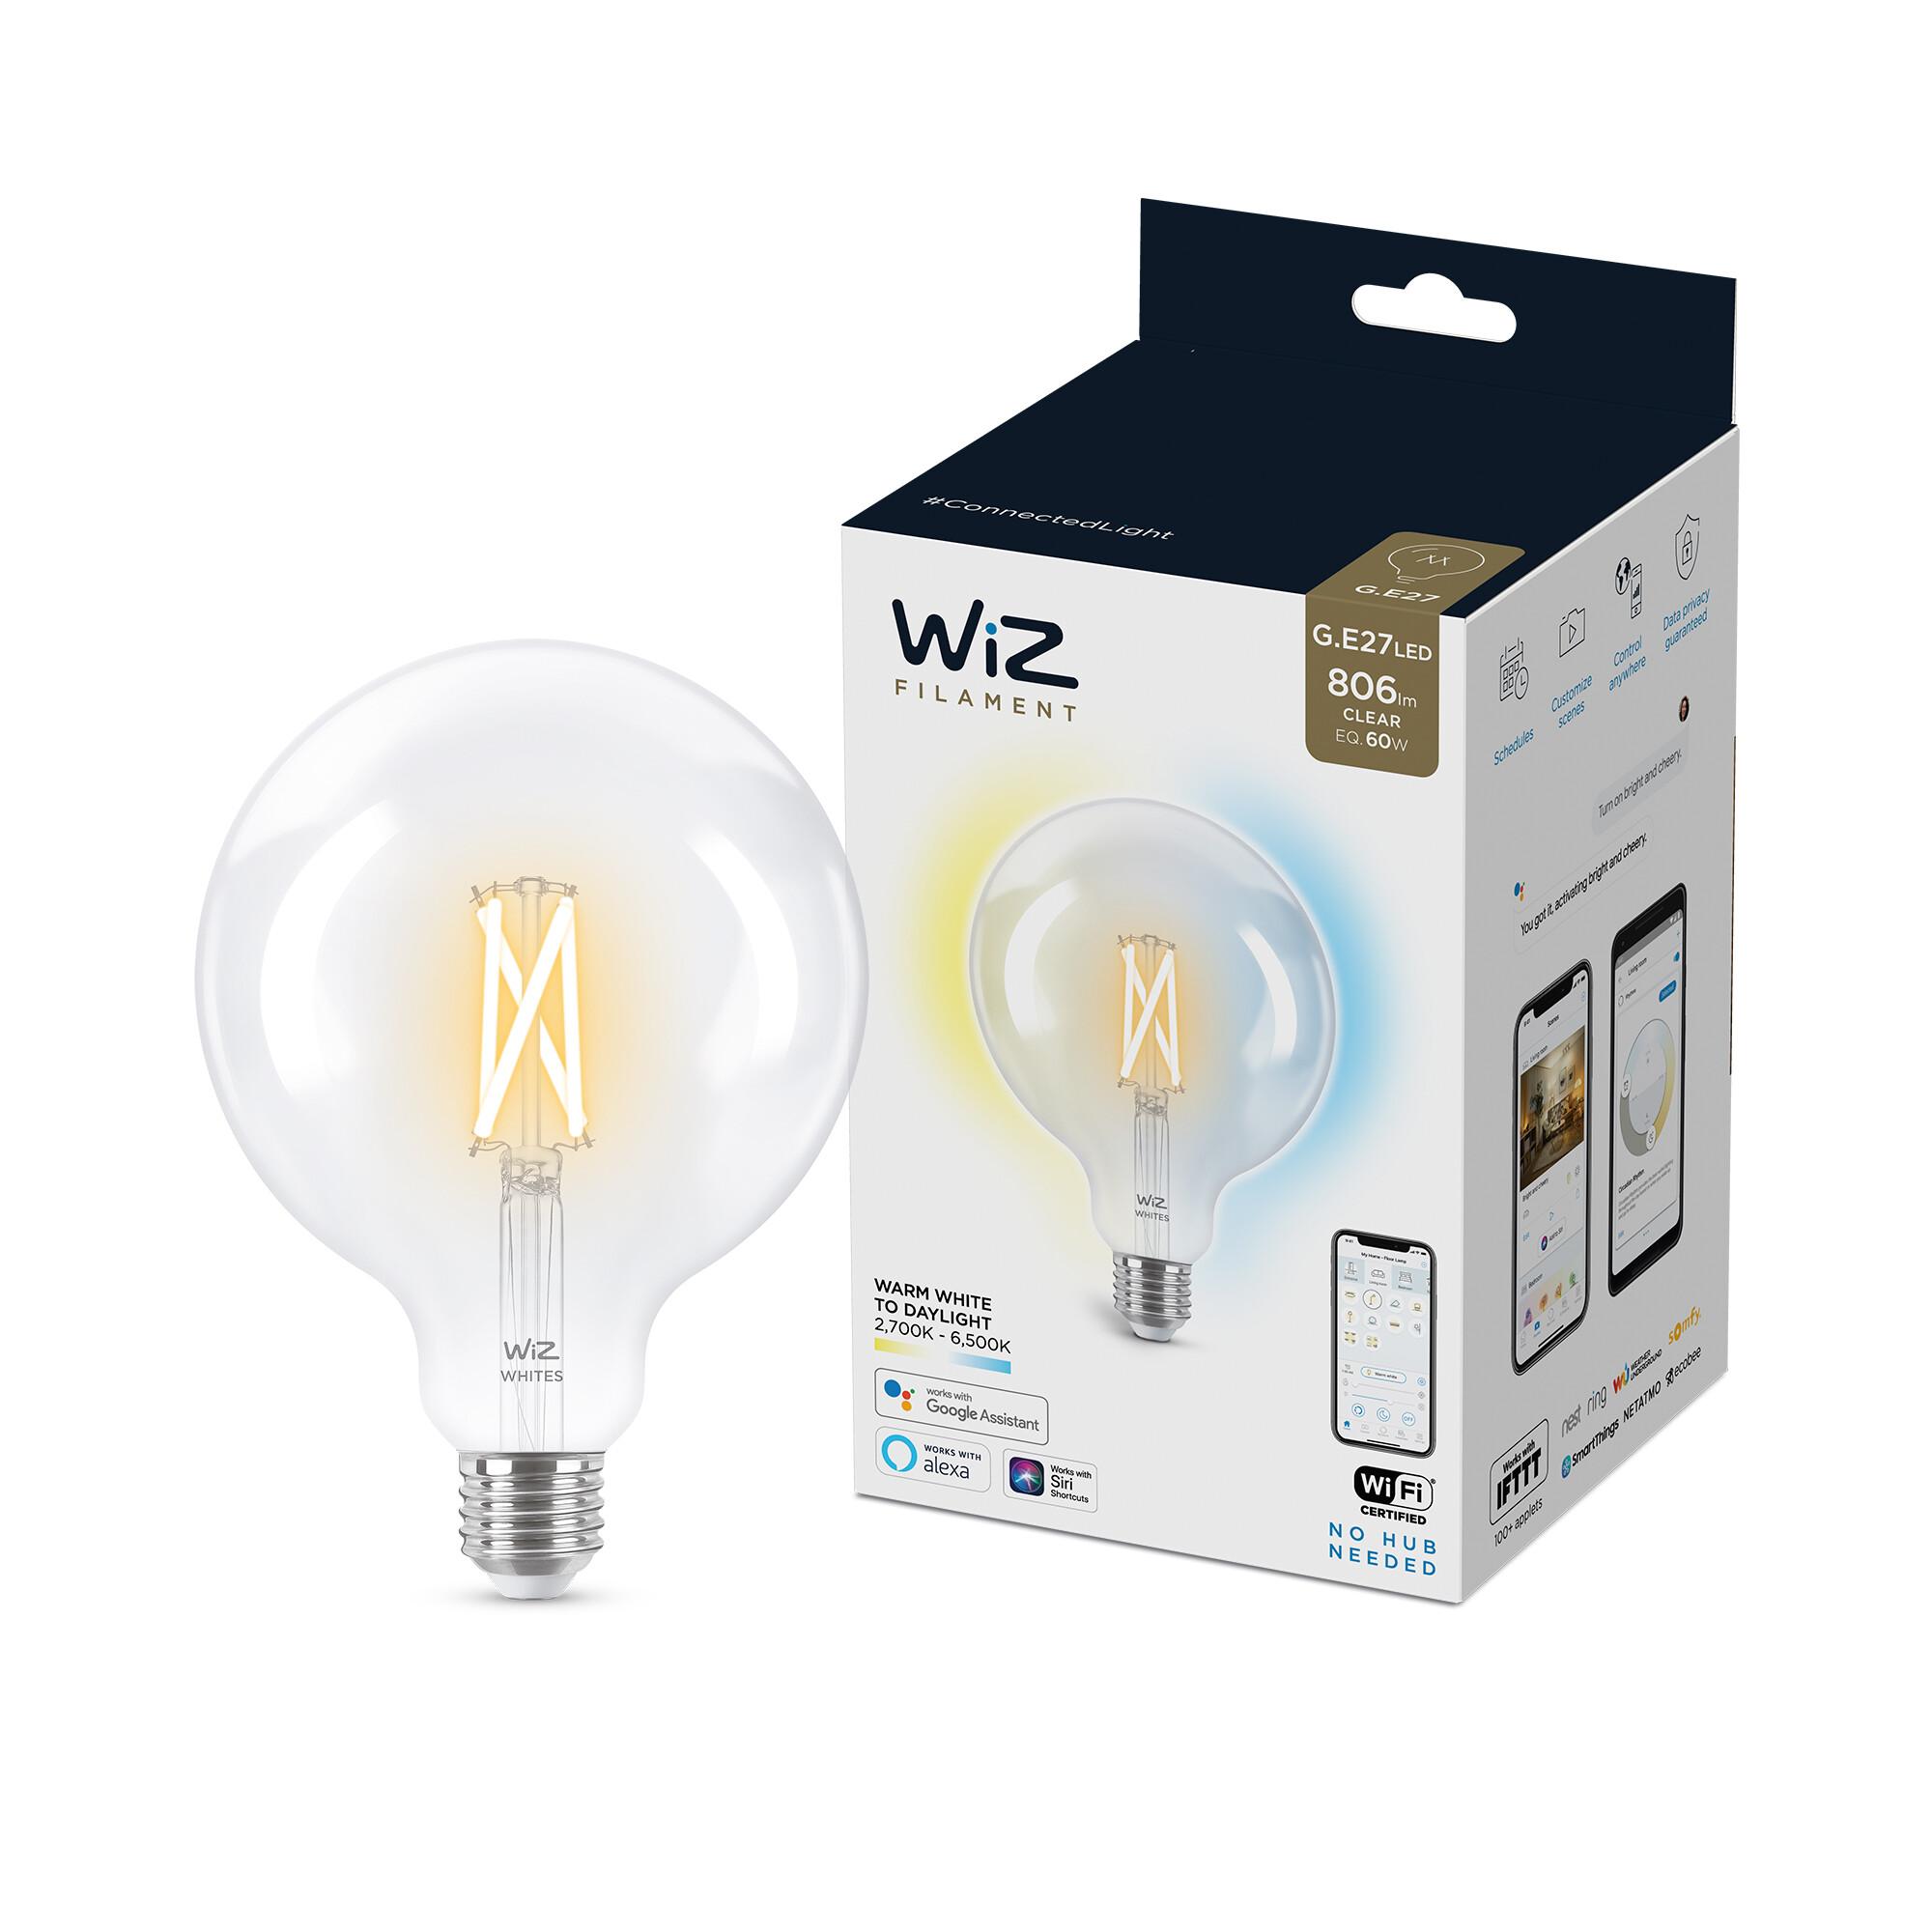 WiZ E27 60W 806lm 2700K Globe Transparant